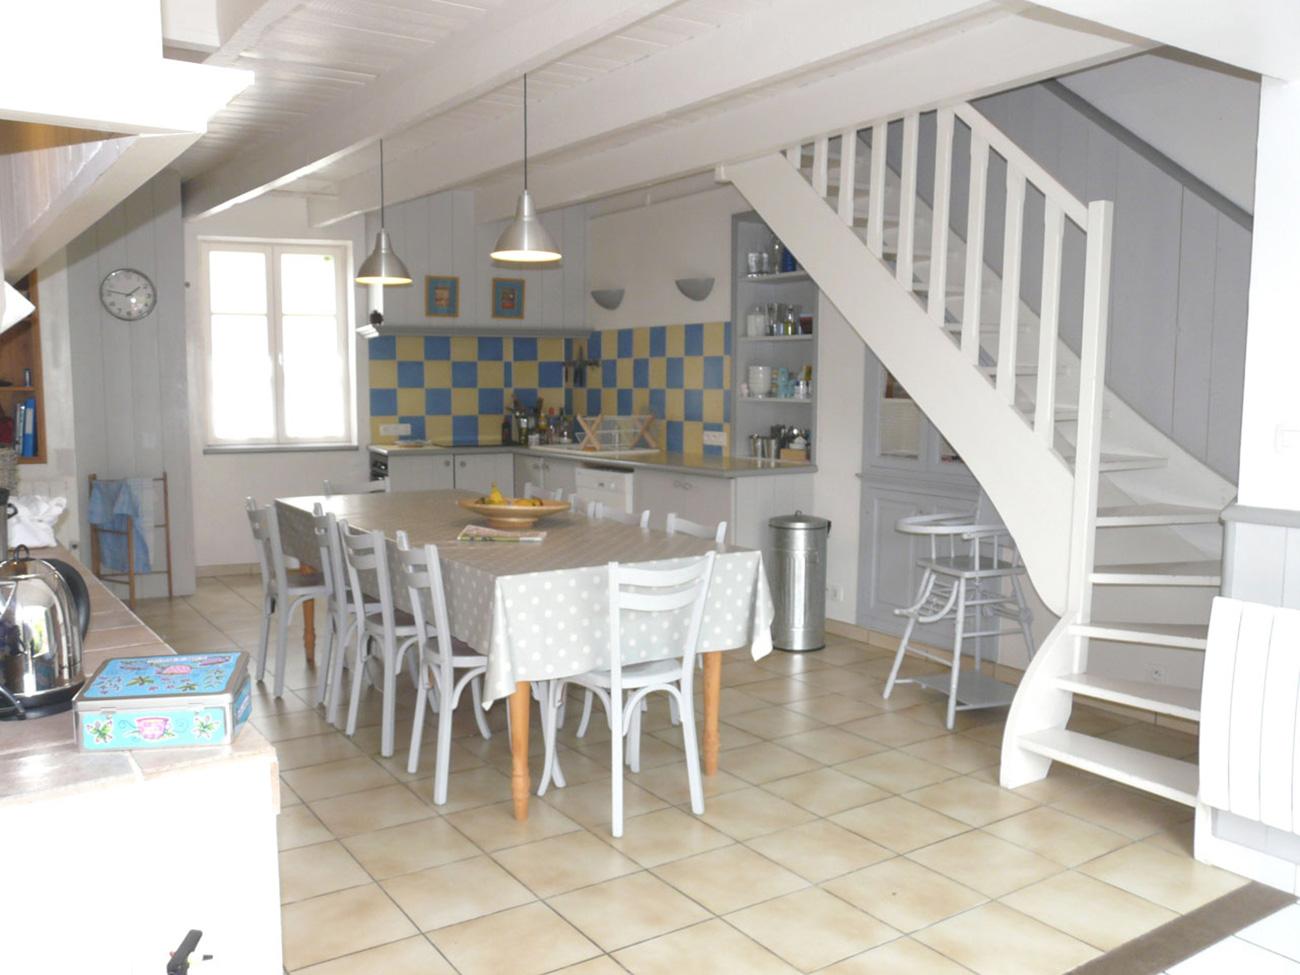 Location Maison Ile de Ré - Fleur-de-sel - Cuisine